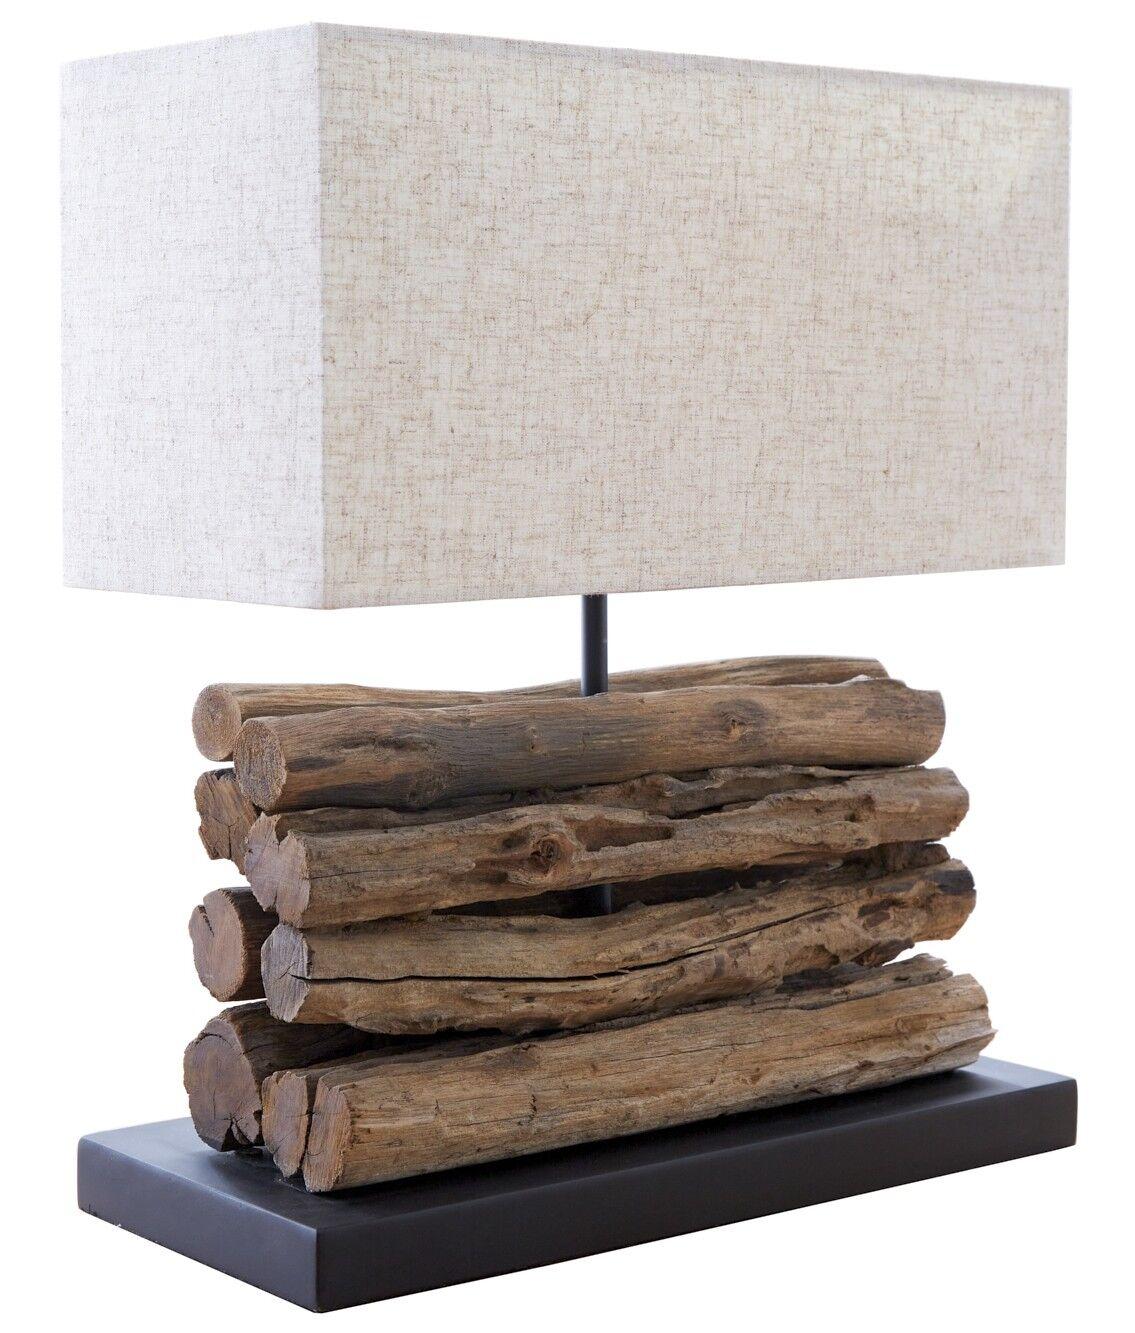 gdegdesign Lampe à poser design bois flotté avec abat-jour - Paxton